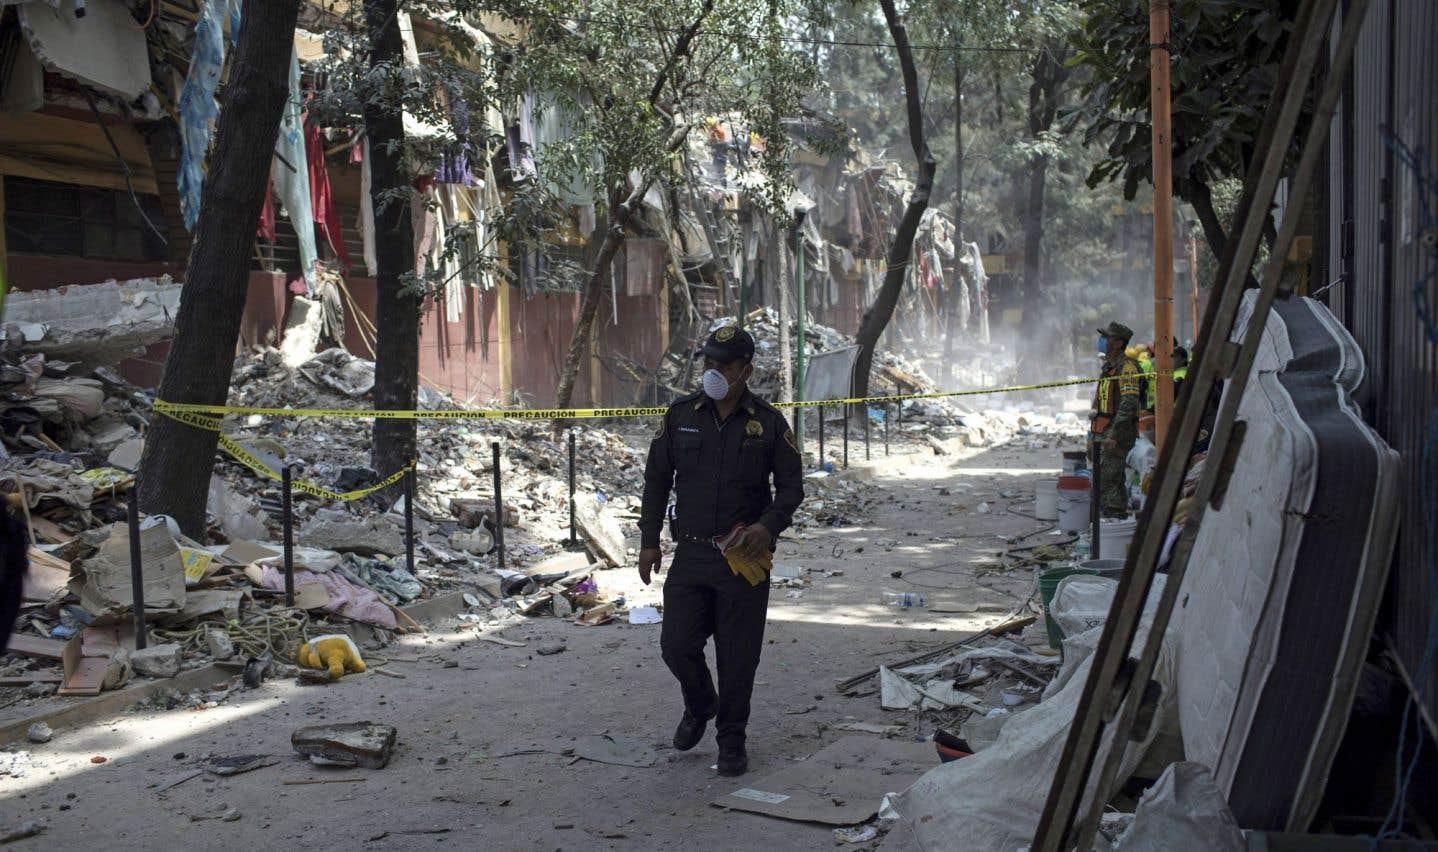 Un policier en quête de survivants marche dans une rue où s'amoncellent les débris à Mexico.